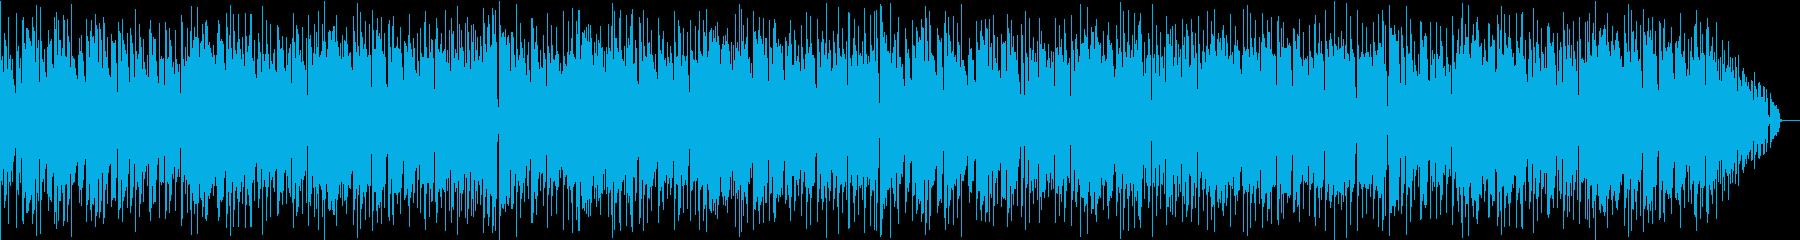 不思議な感じの音楽の再生済みの波形